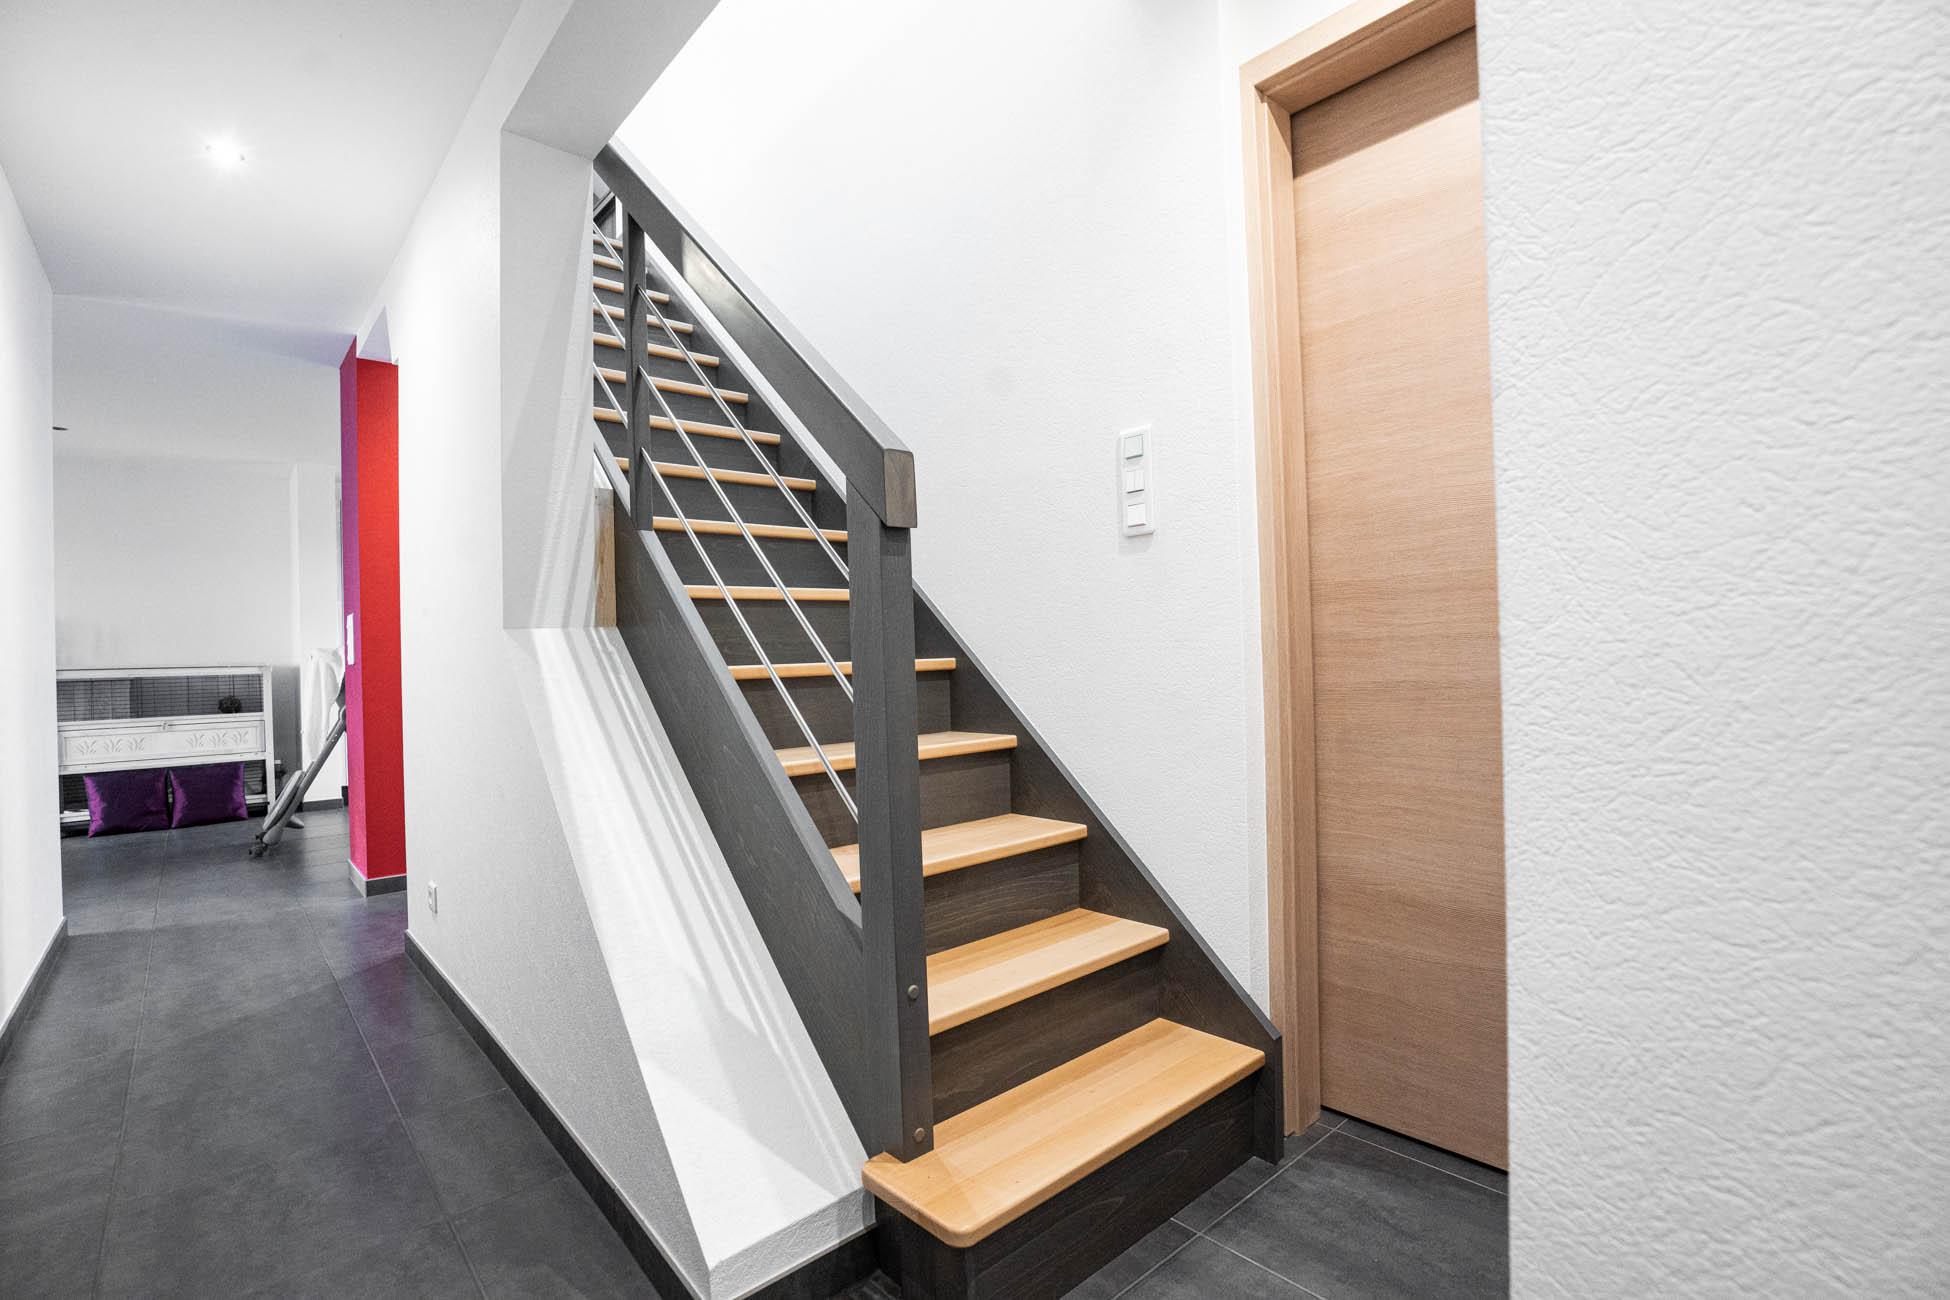 Escalier bois niederbronn maison